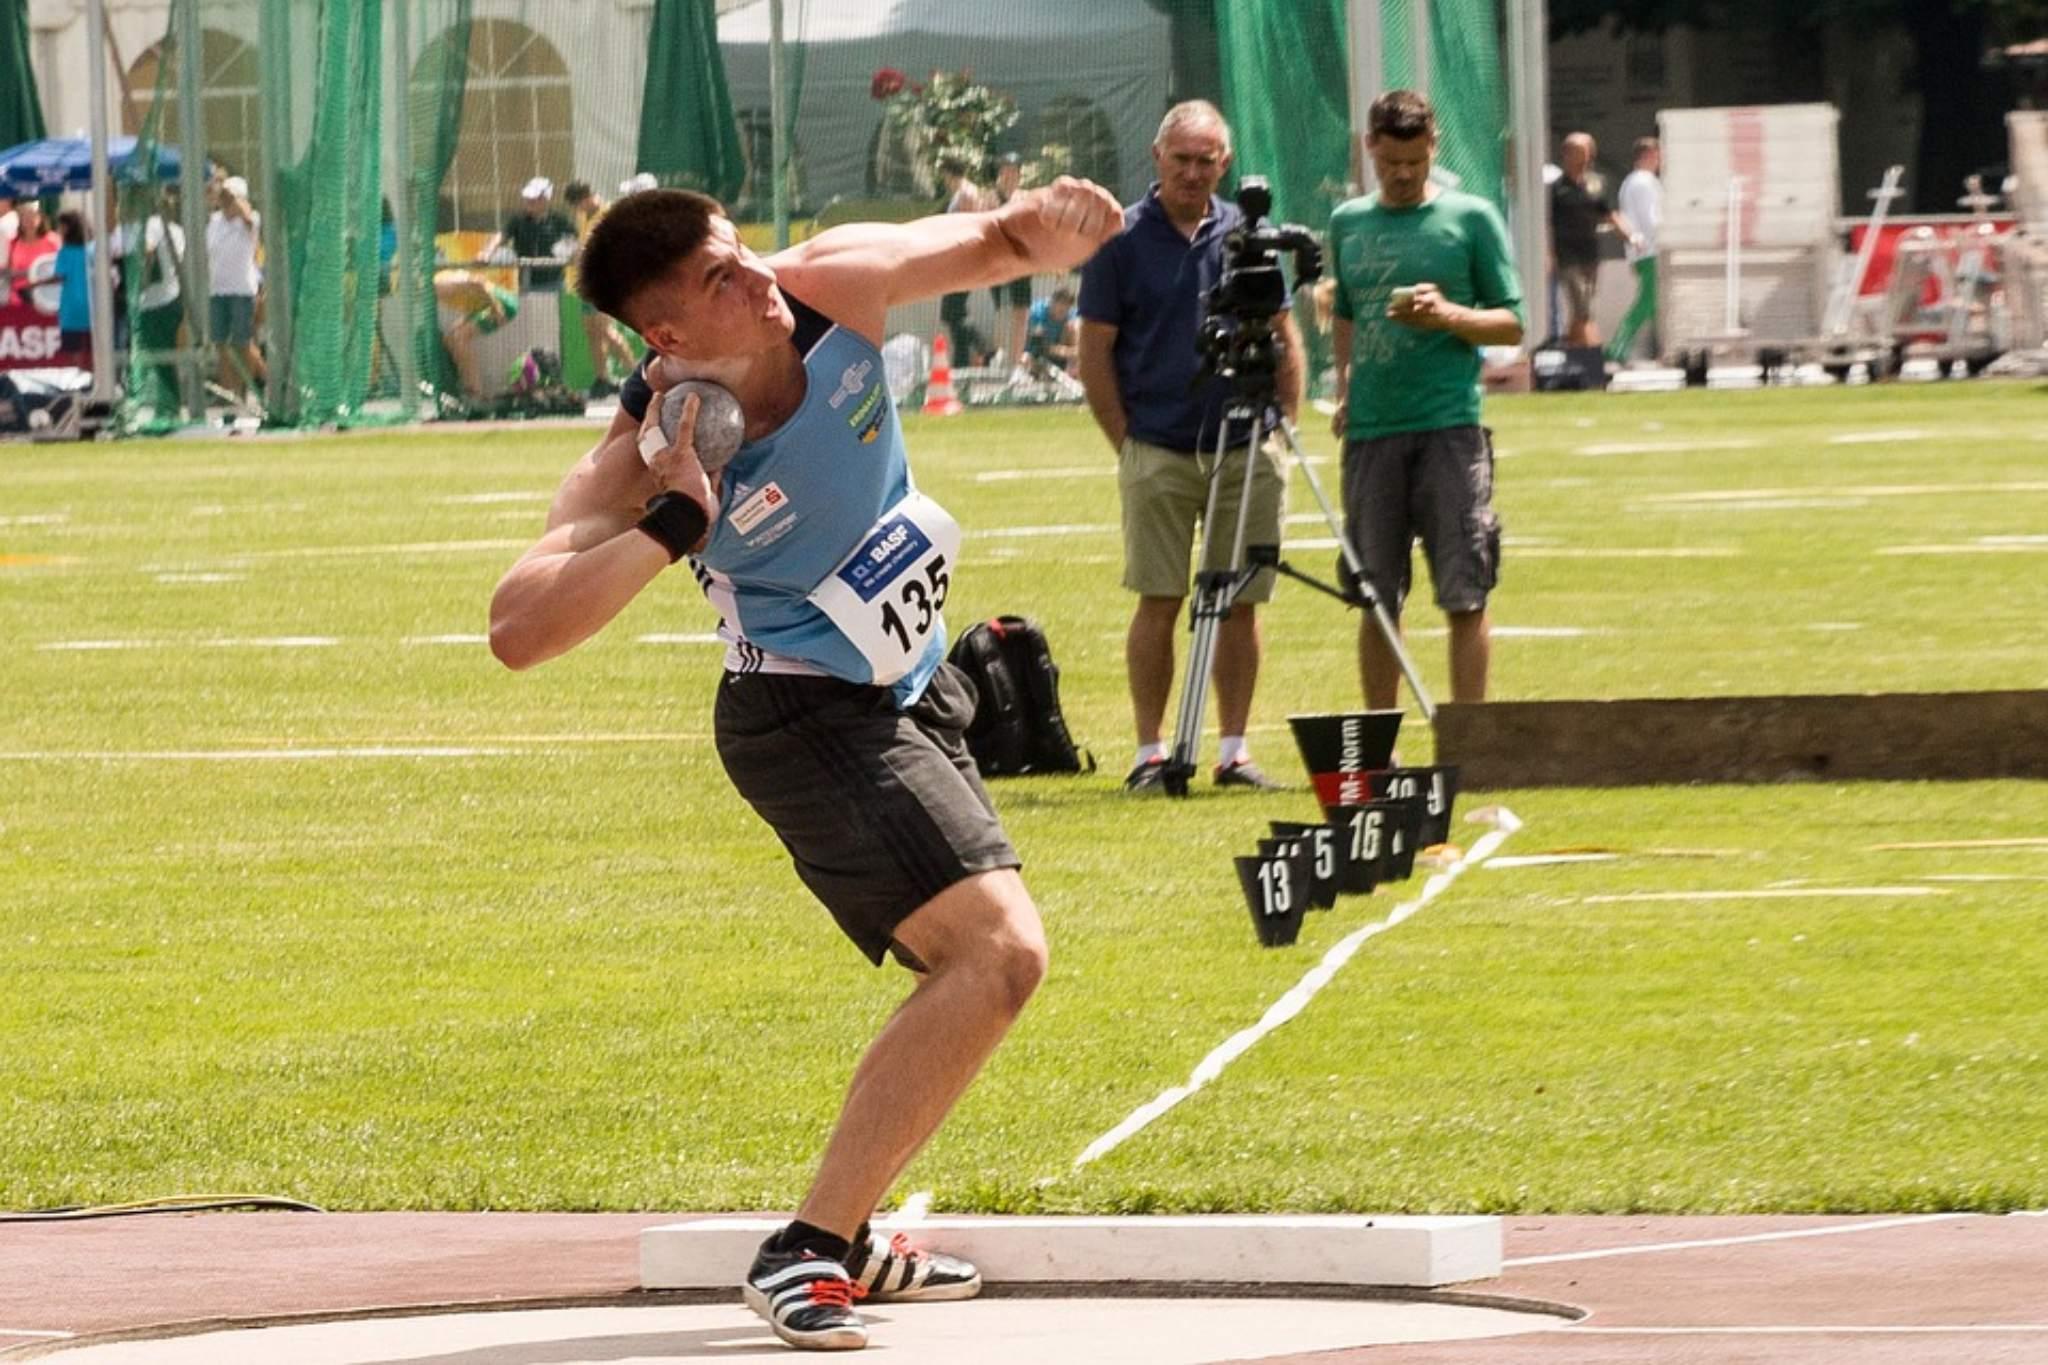 le discipline di salto e lancio nell'atletica leggera